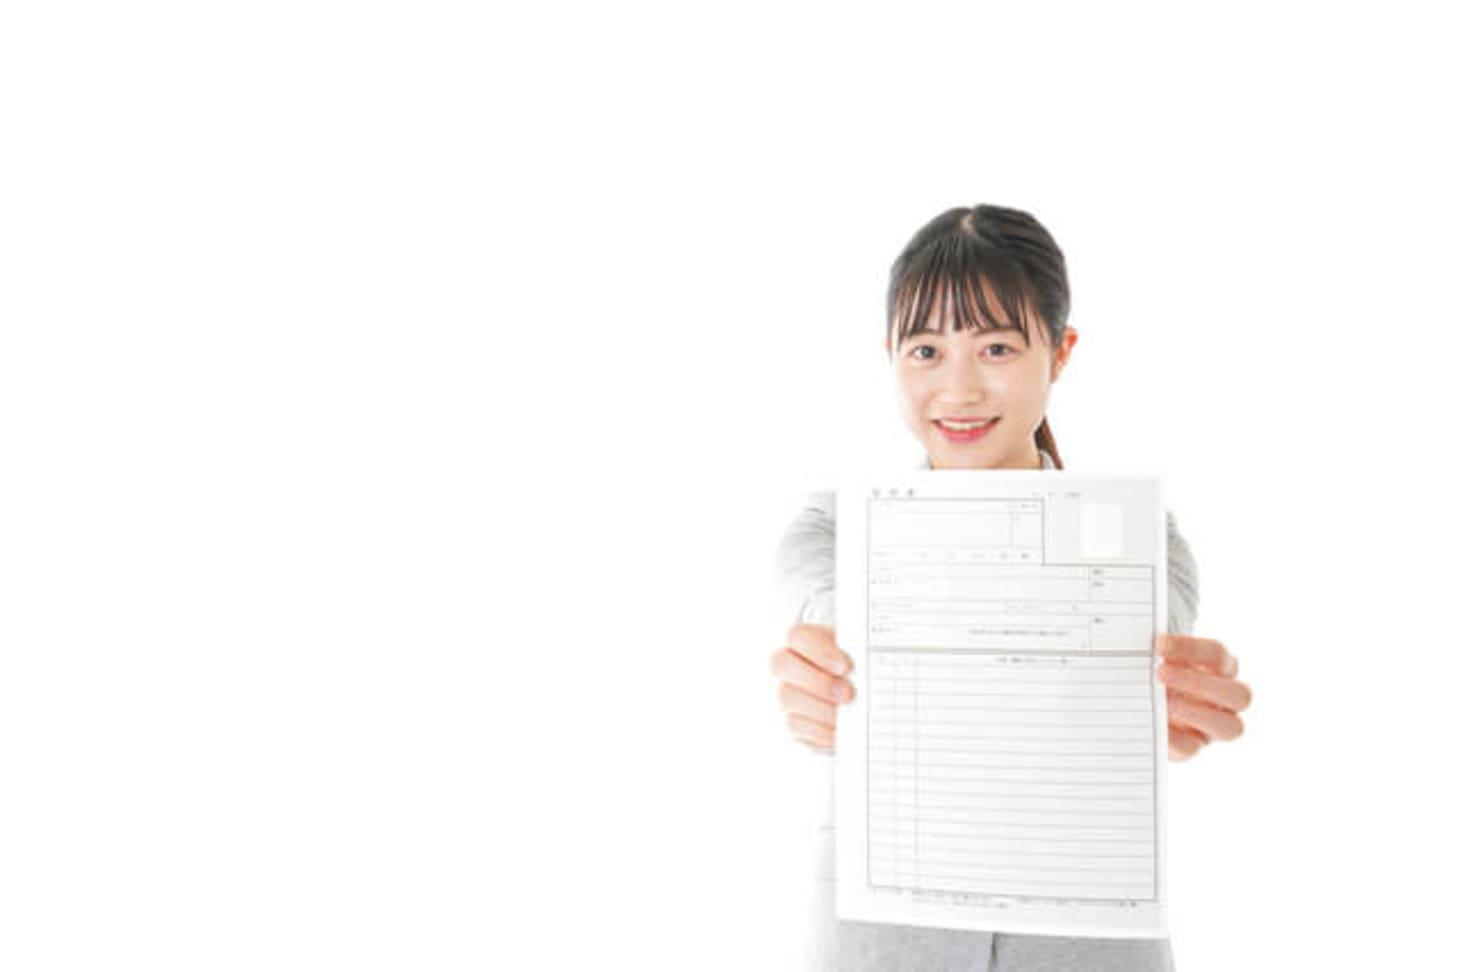 【例文あり】ケアマネジャーの志望動機を書くポイント